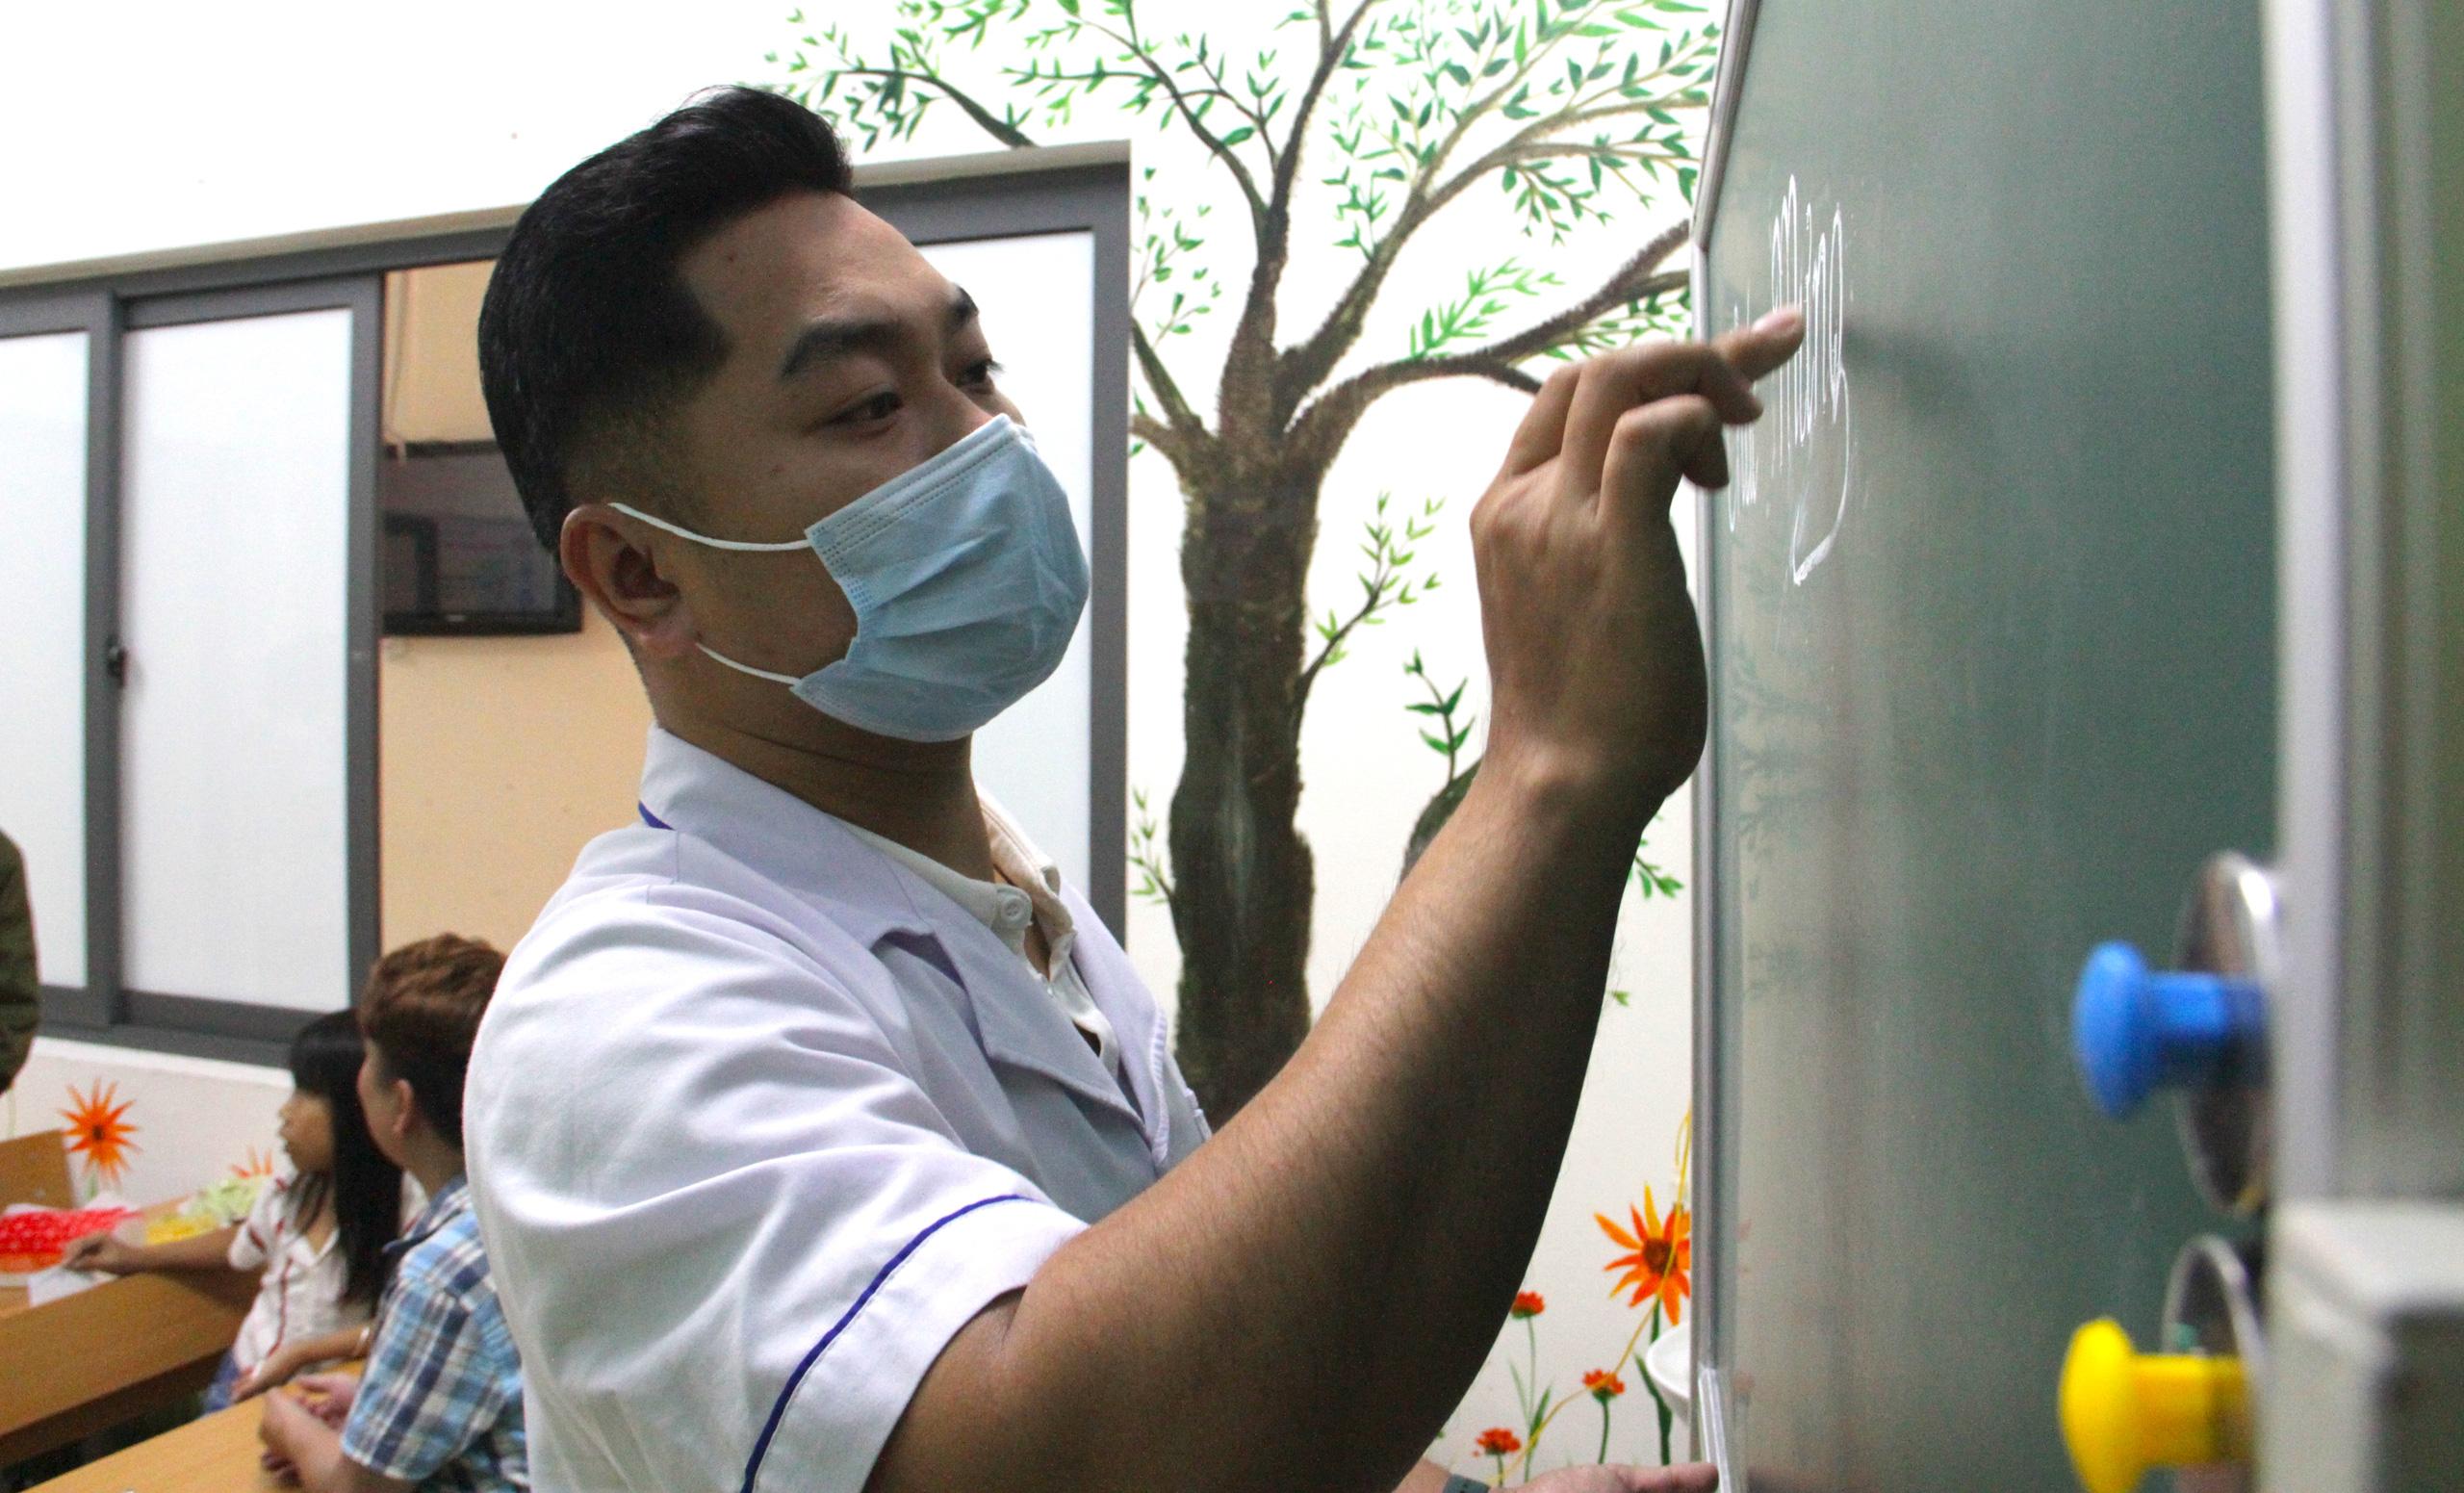 Lớp học đặc biệt trong trung tâm truyền máu, thầy cô là những người khoác áo blouse trắng - Ảnh 6.